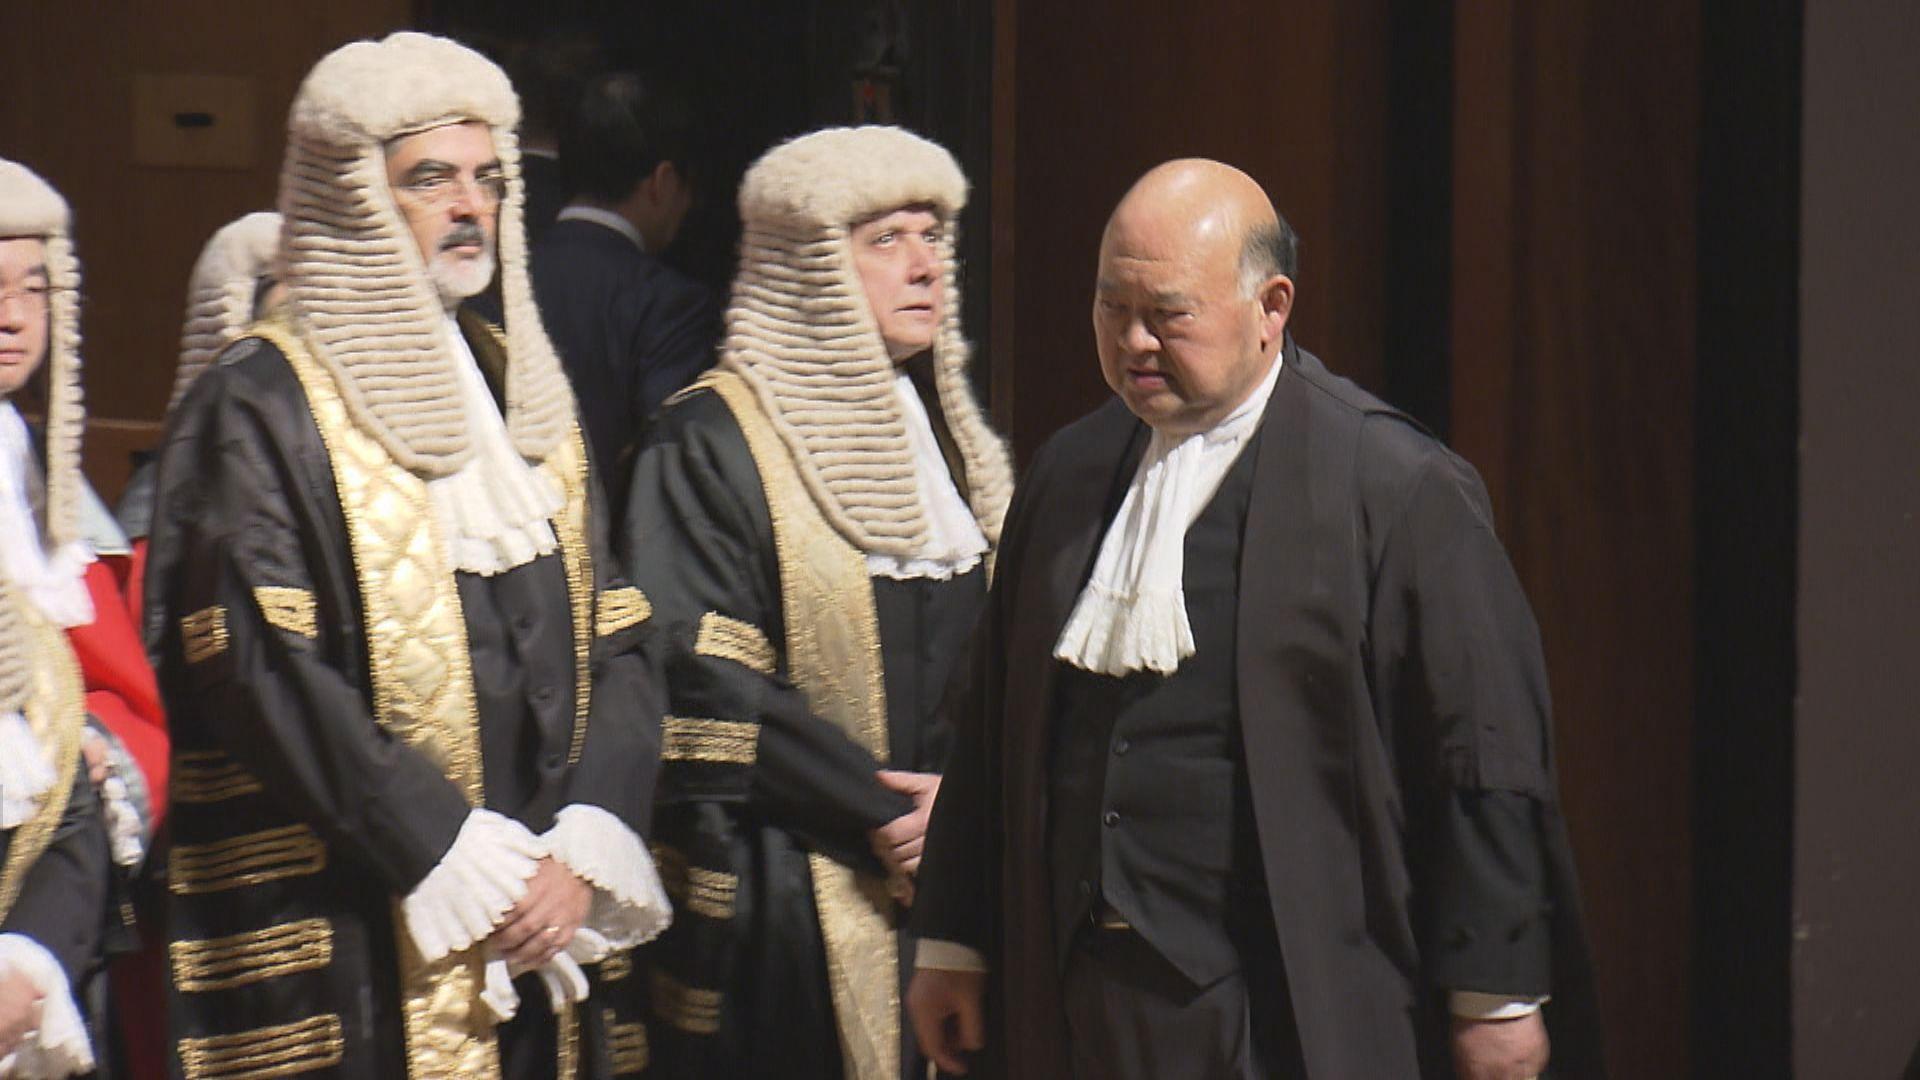 曾說國安法指定法官安排奇怪 馬道立:僅引述社會關注